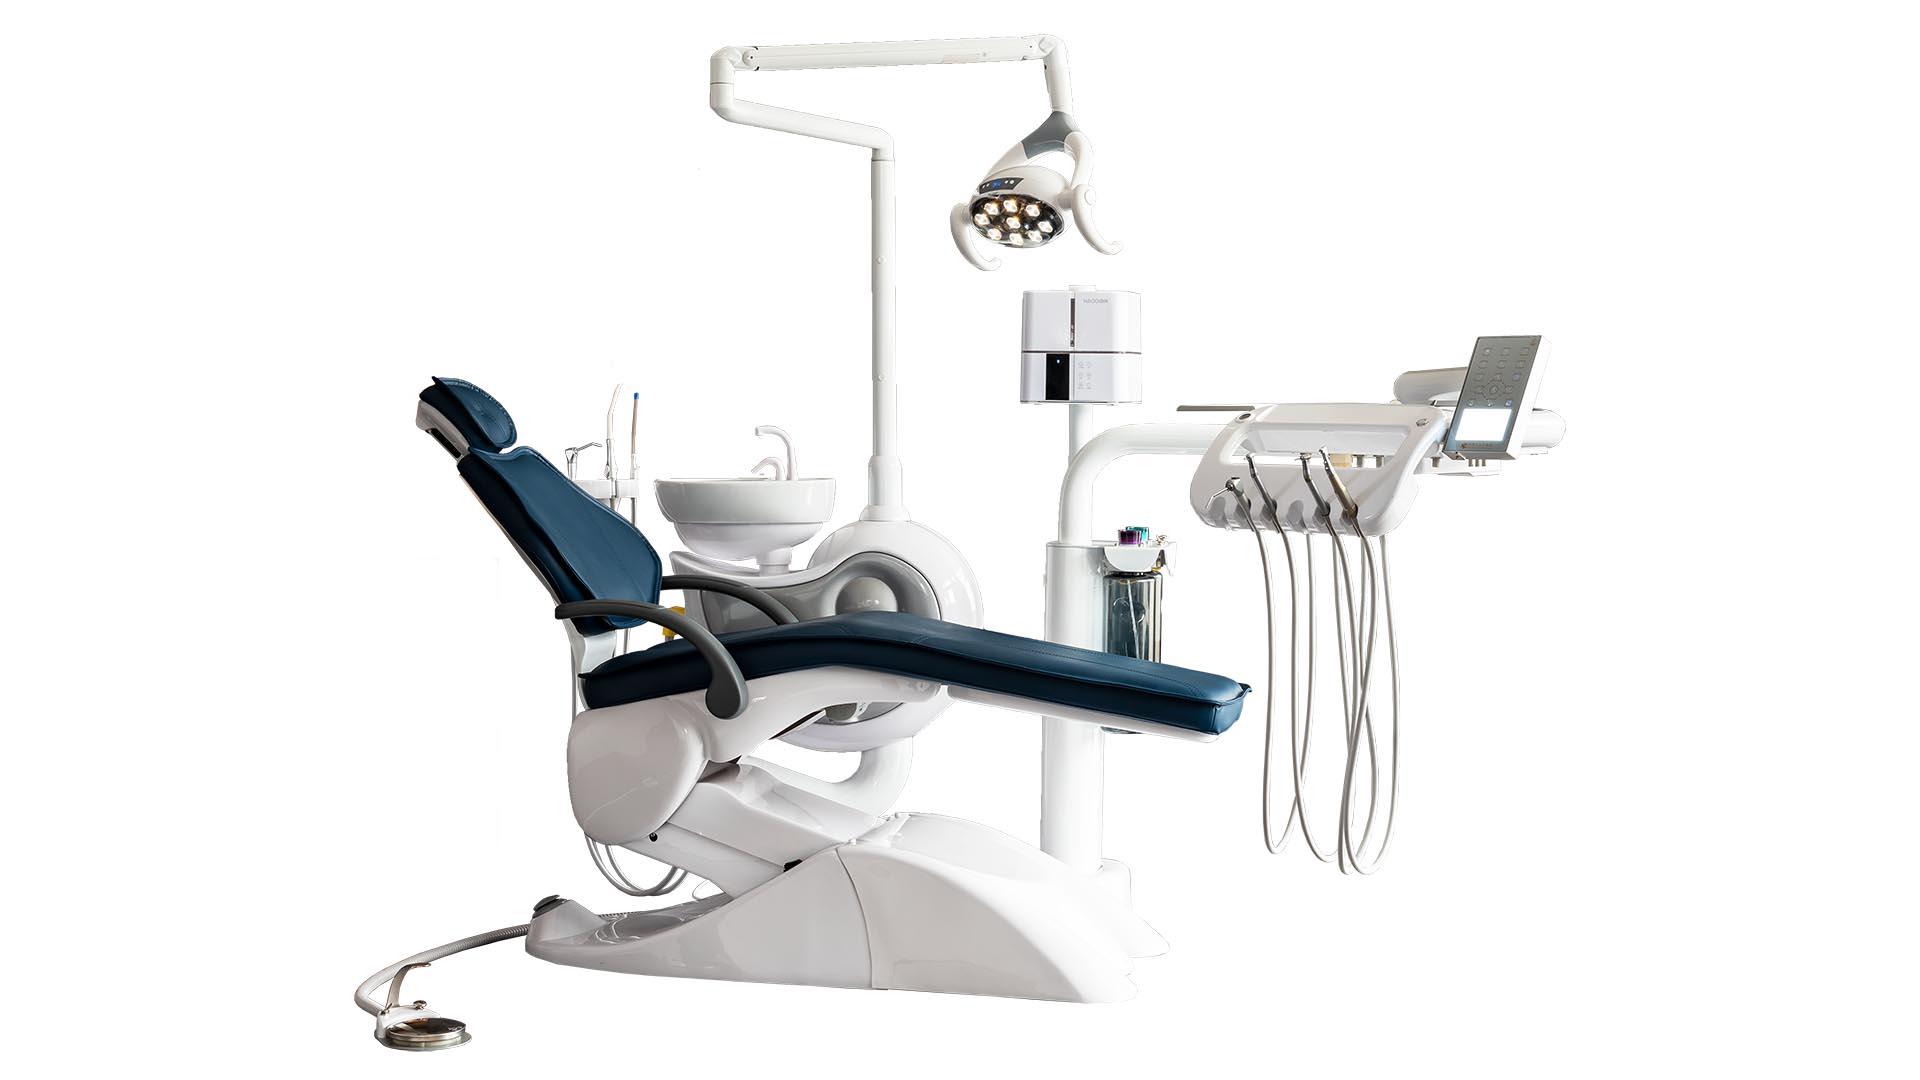 Safety Dental chair AYD-M2